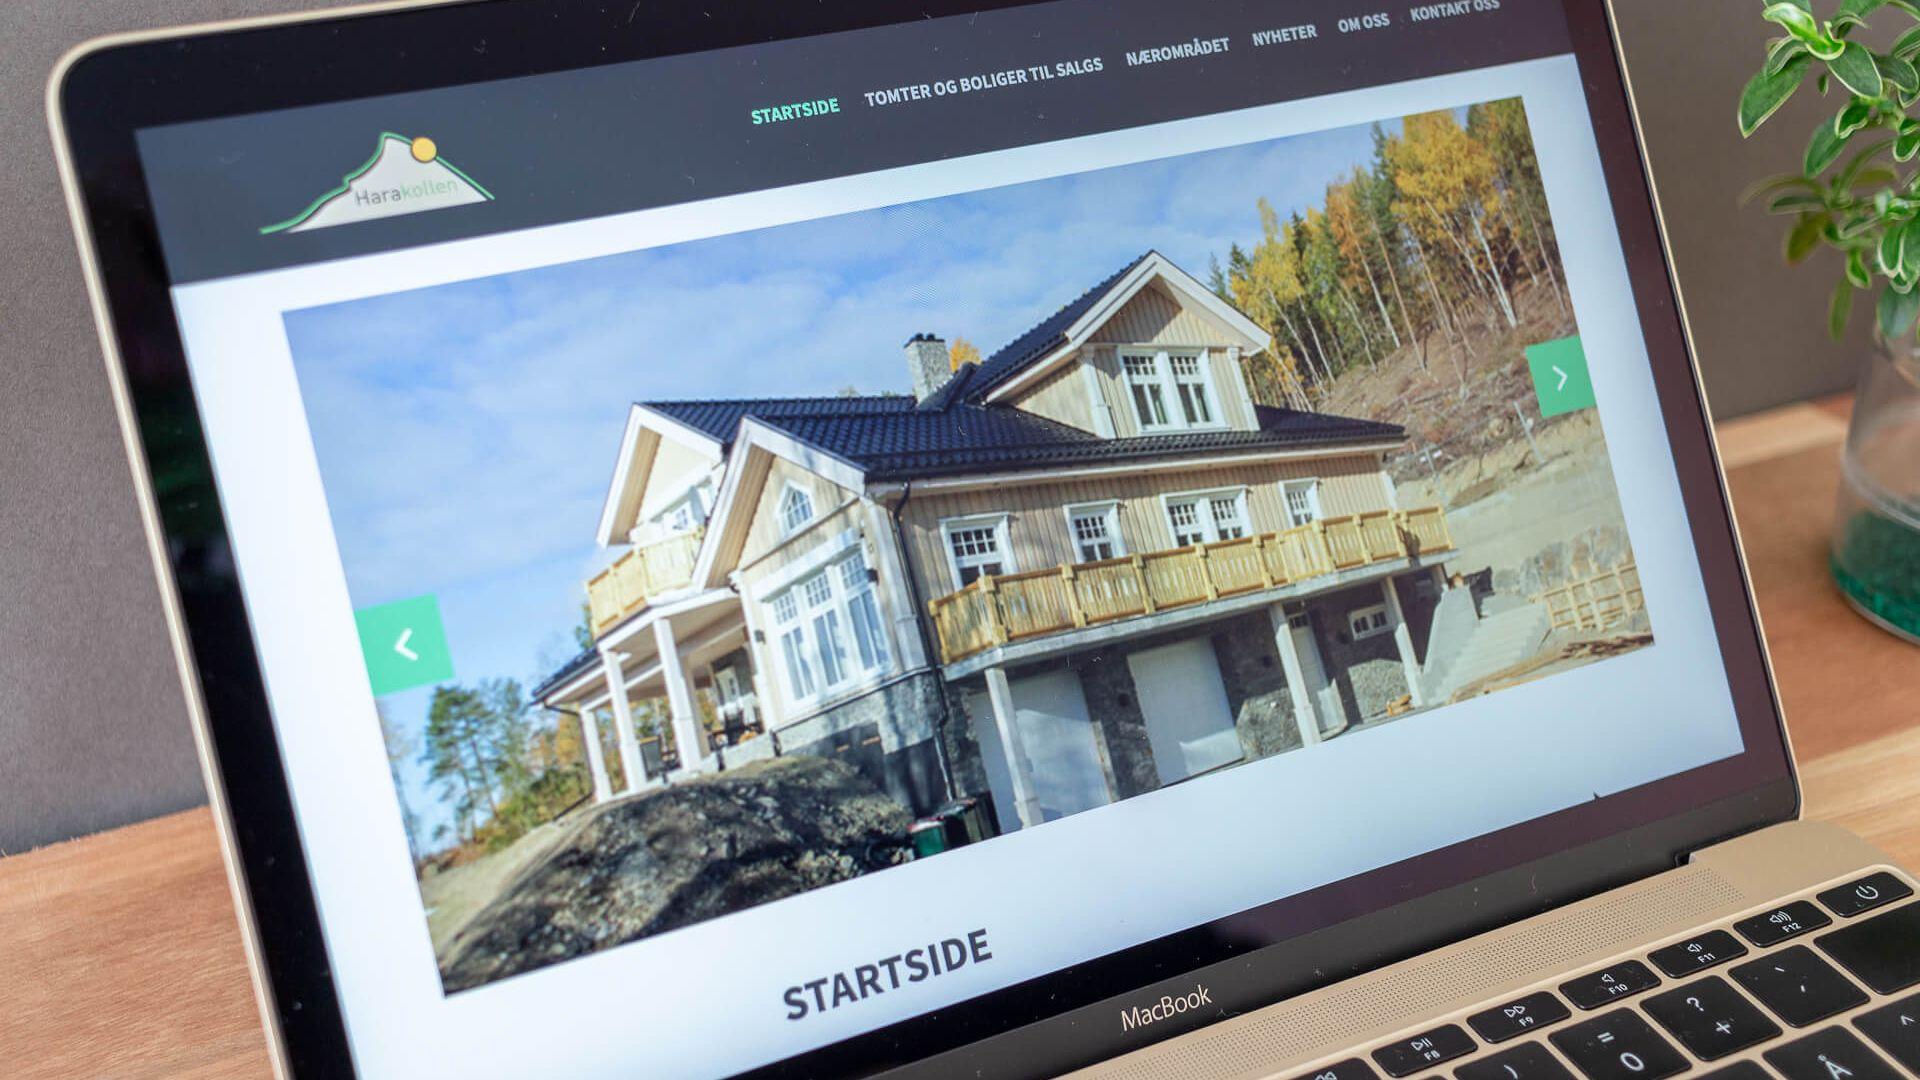 Umas das imagens da apresentação inicial do Web site